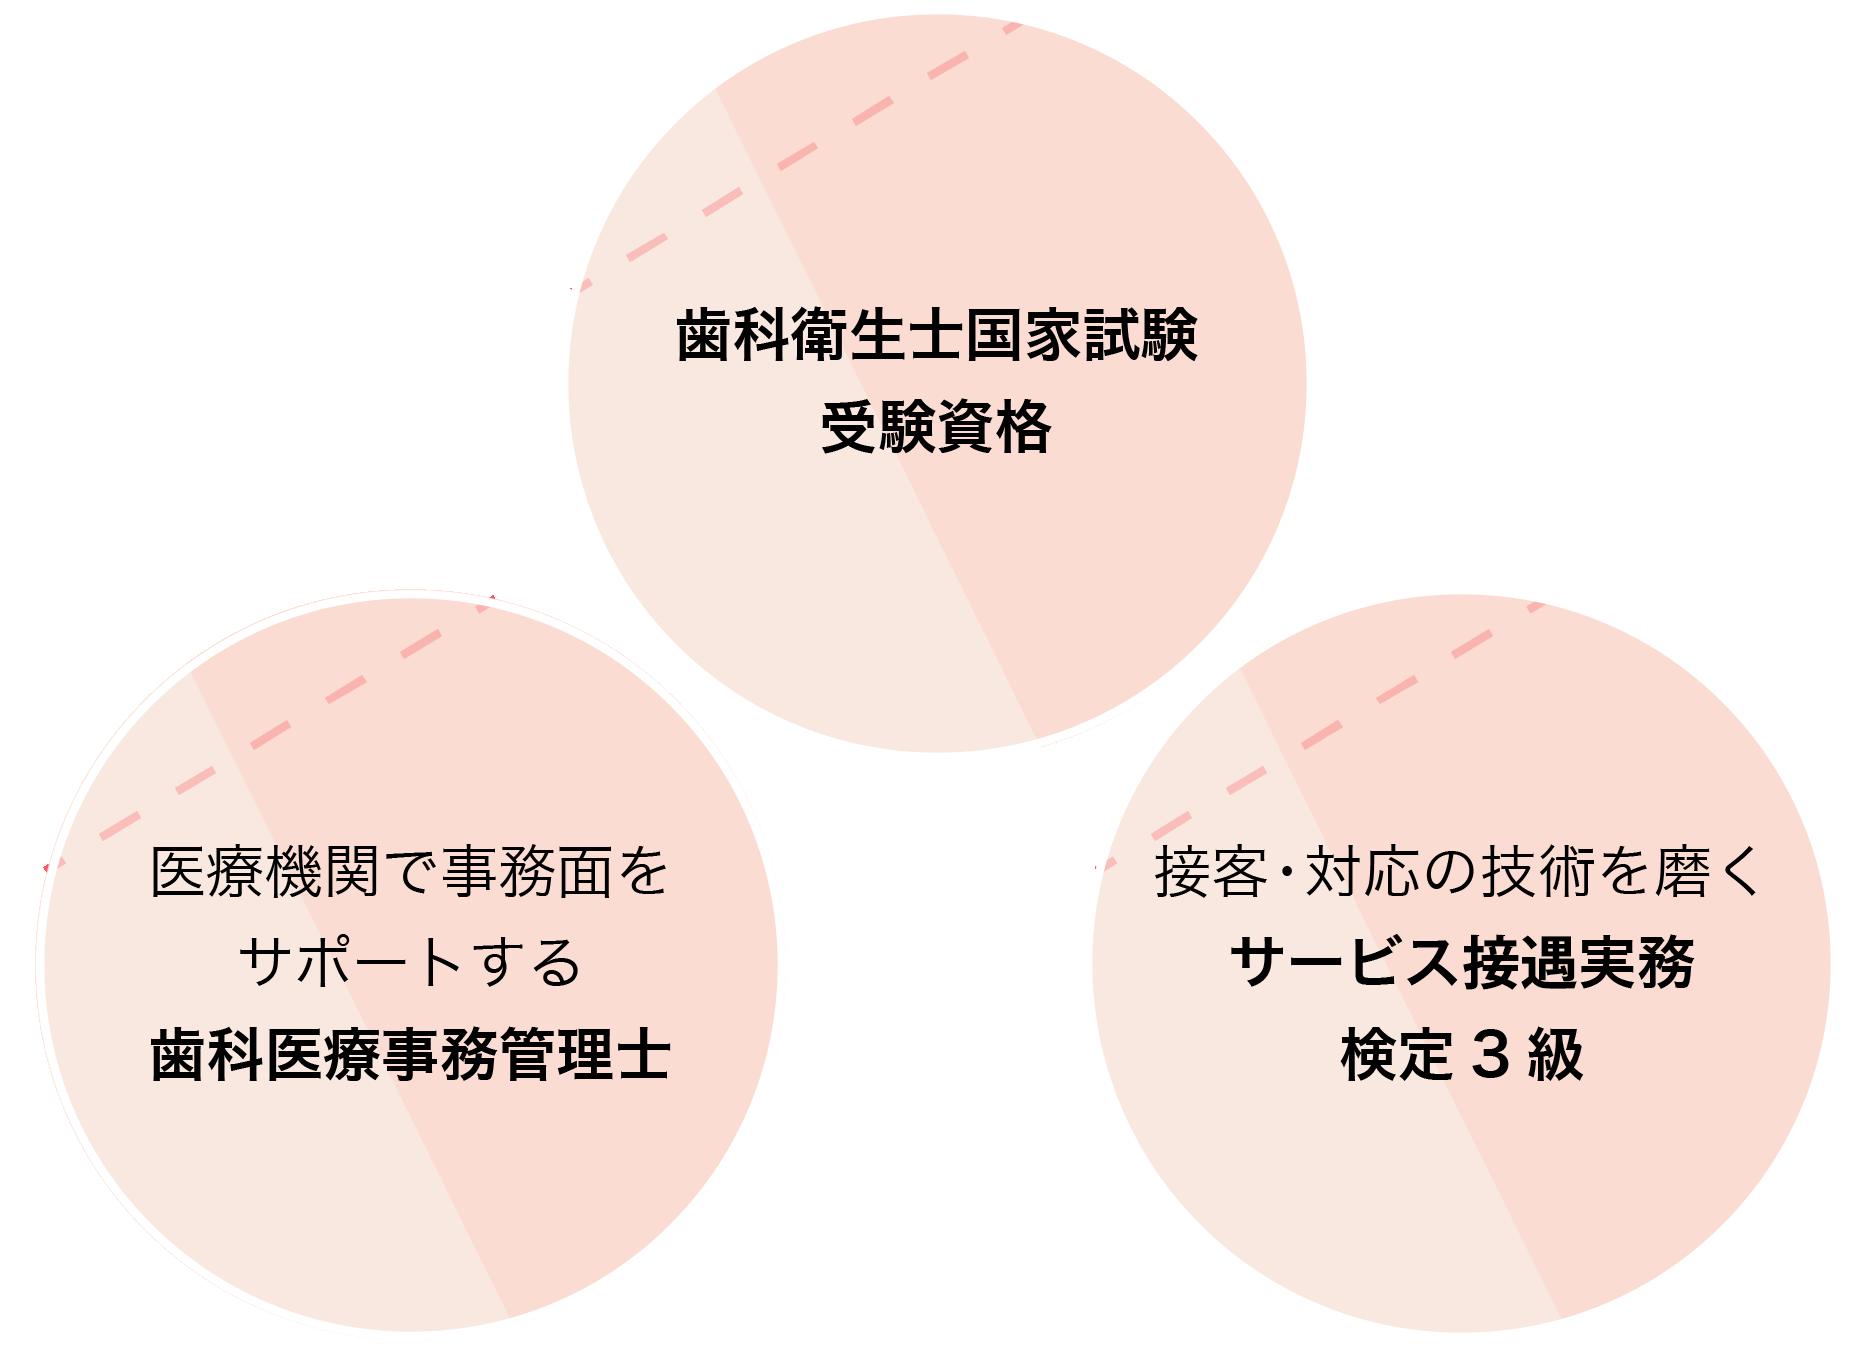 取得を目指す3つの資格